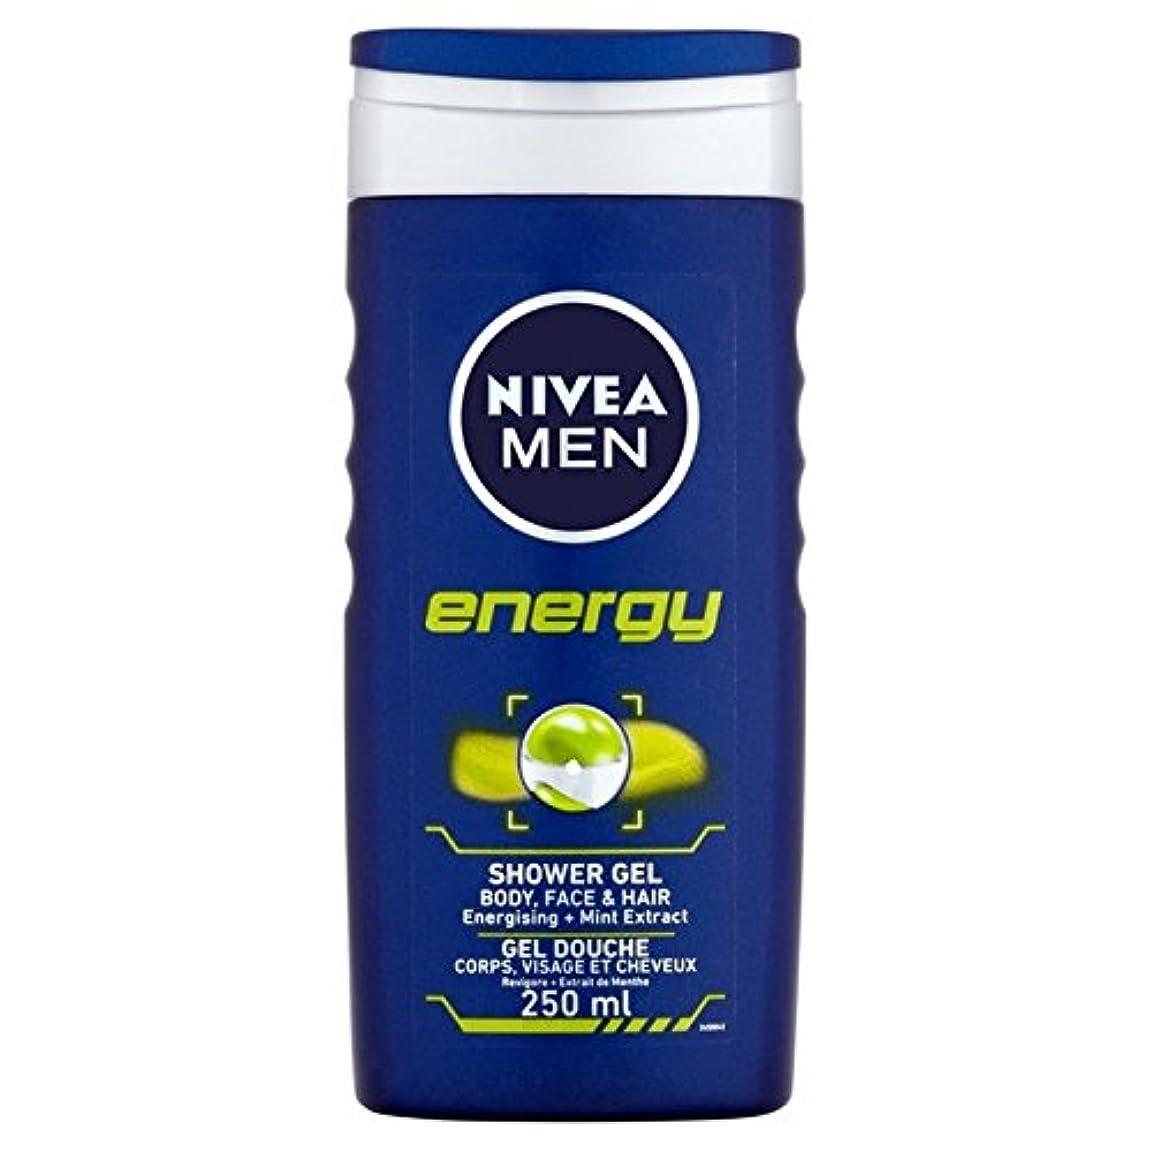 の間でステートメント懲らしめNivea Men Energy 2 in 1 Shower 250ml - 1つのシャワー250ミリリットル中ニベアの男性のエネルギー2 [並行輸入品]